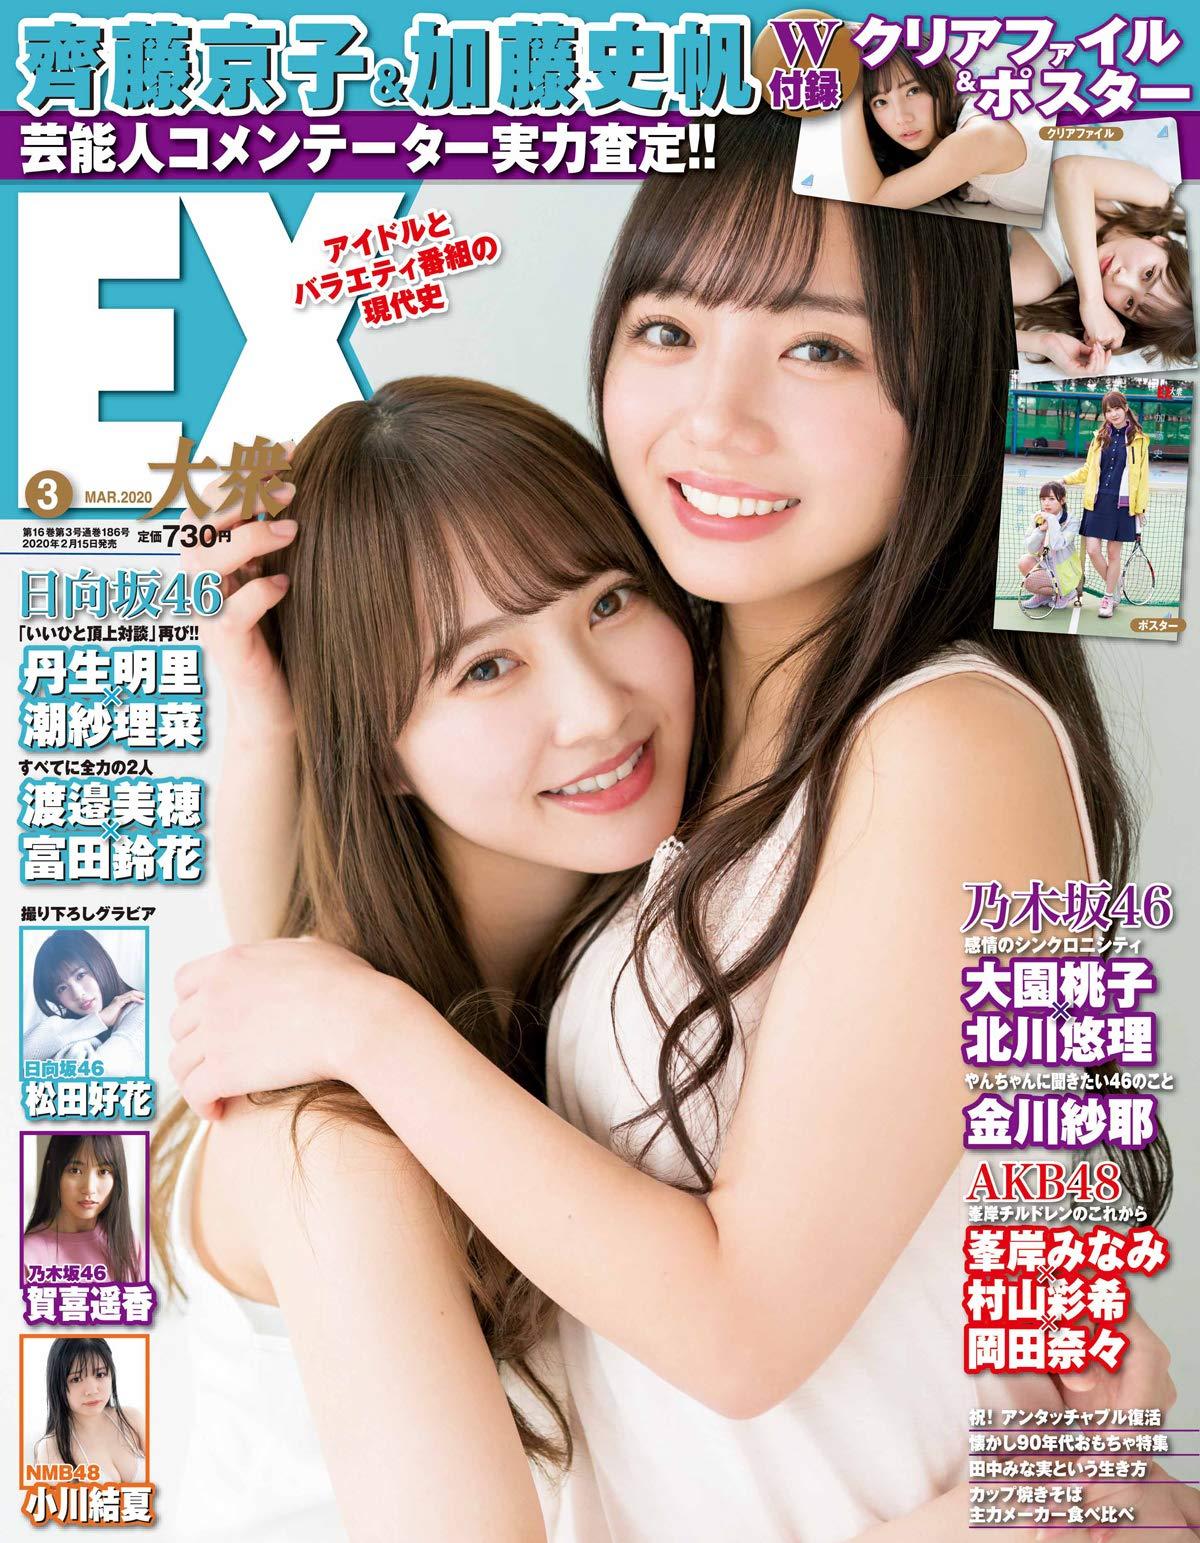 EX大衆 2020年03月号 日向坂46 齊藤京子 加藤史帆